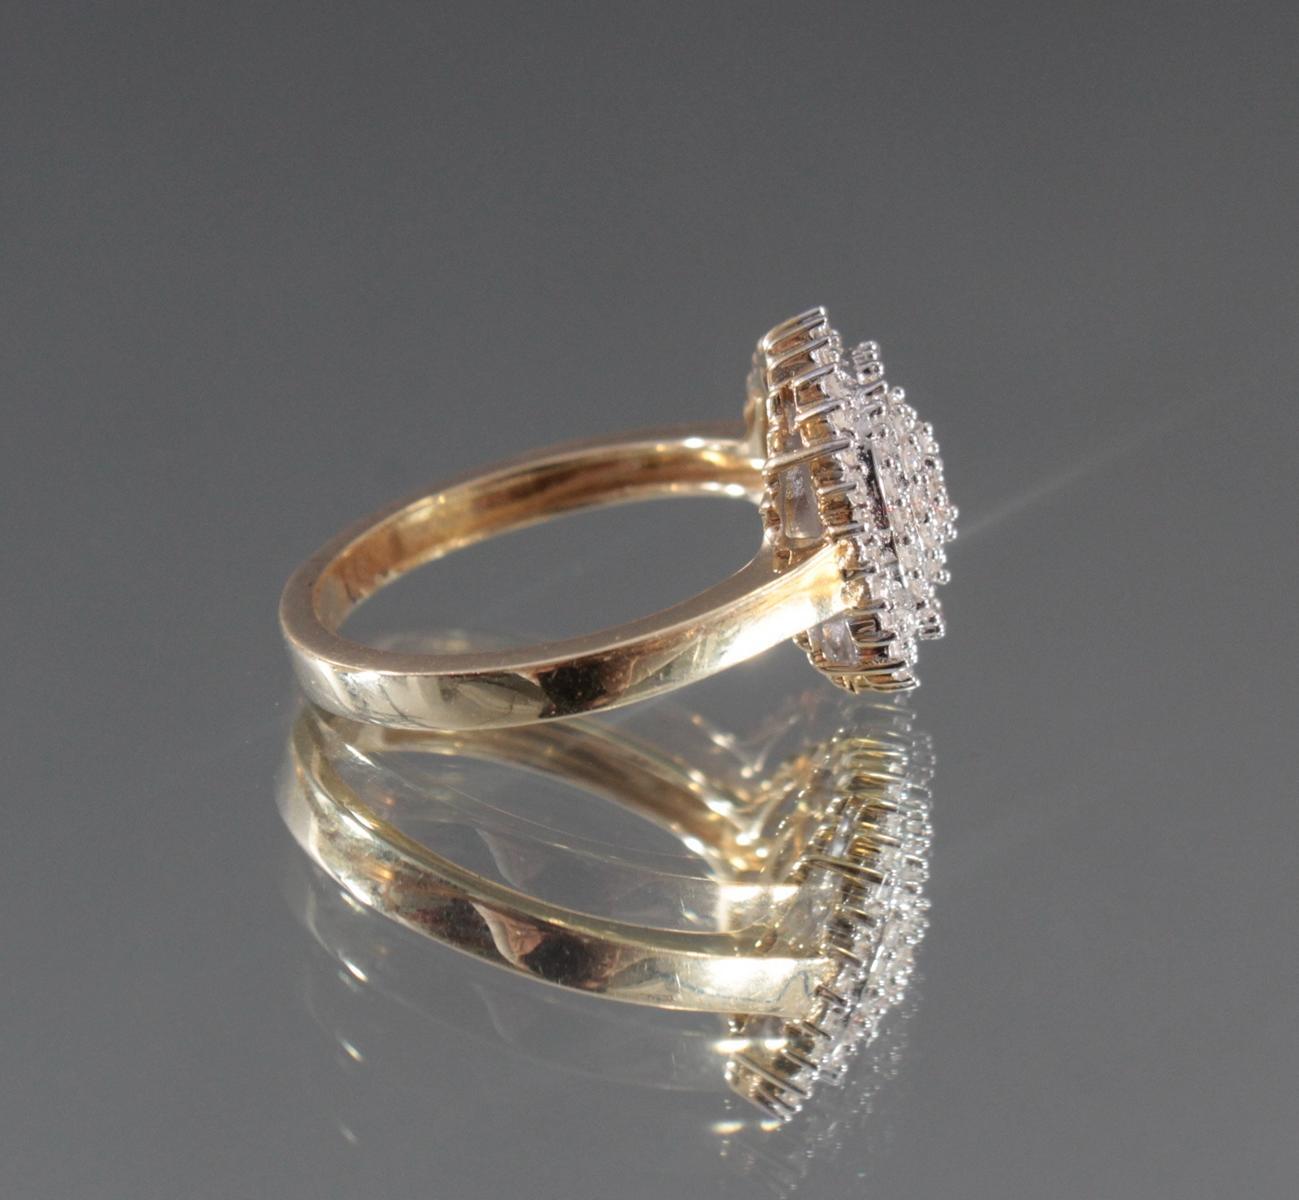 Damenring mit Diamanten aus 14 Karat Weiß- und Gelbgold-3